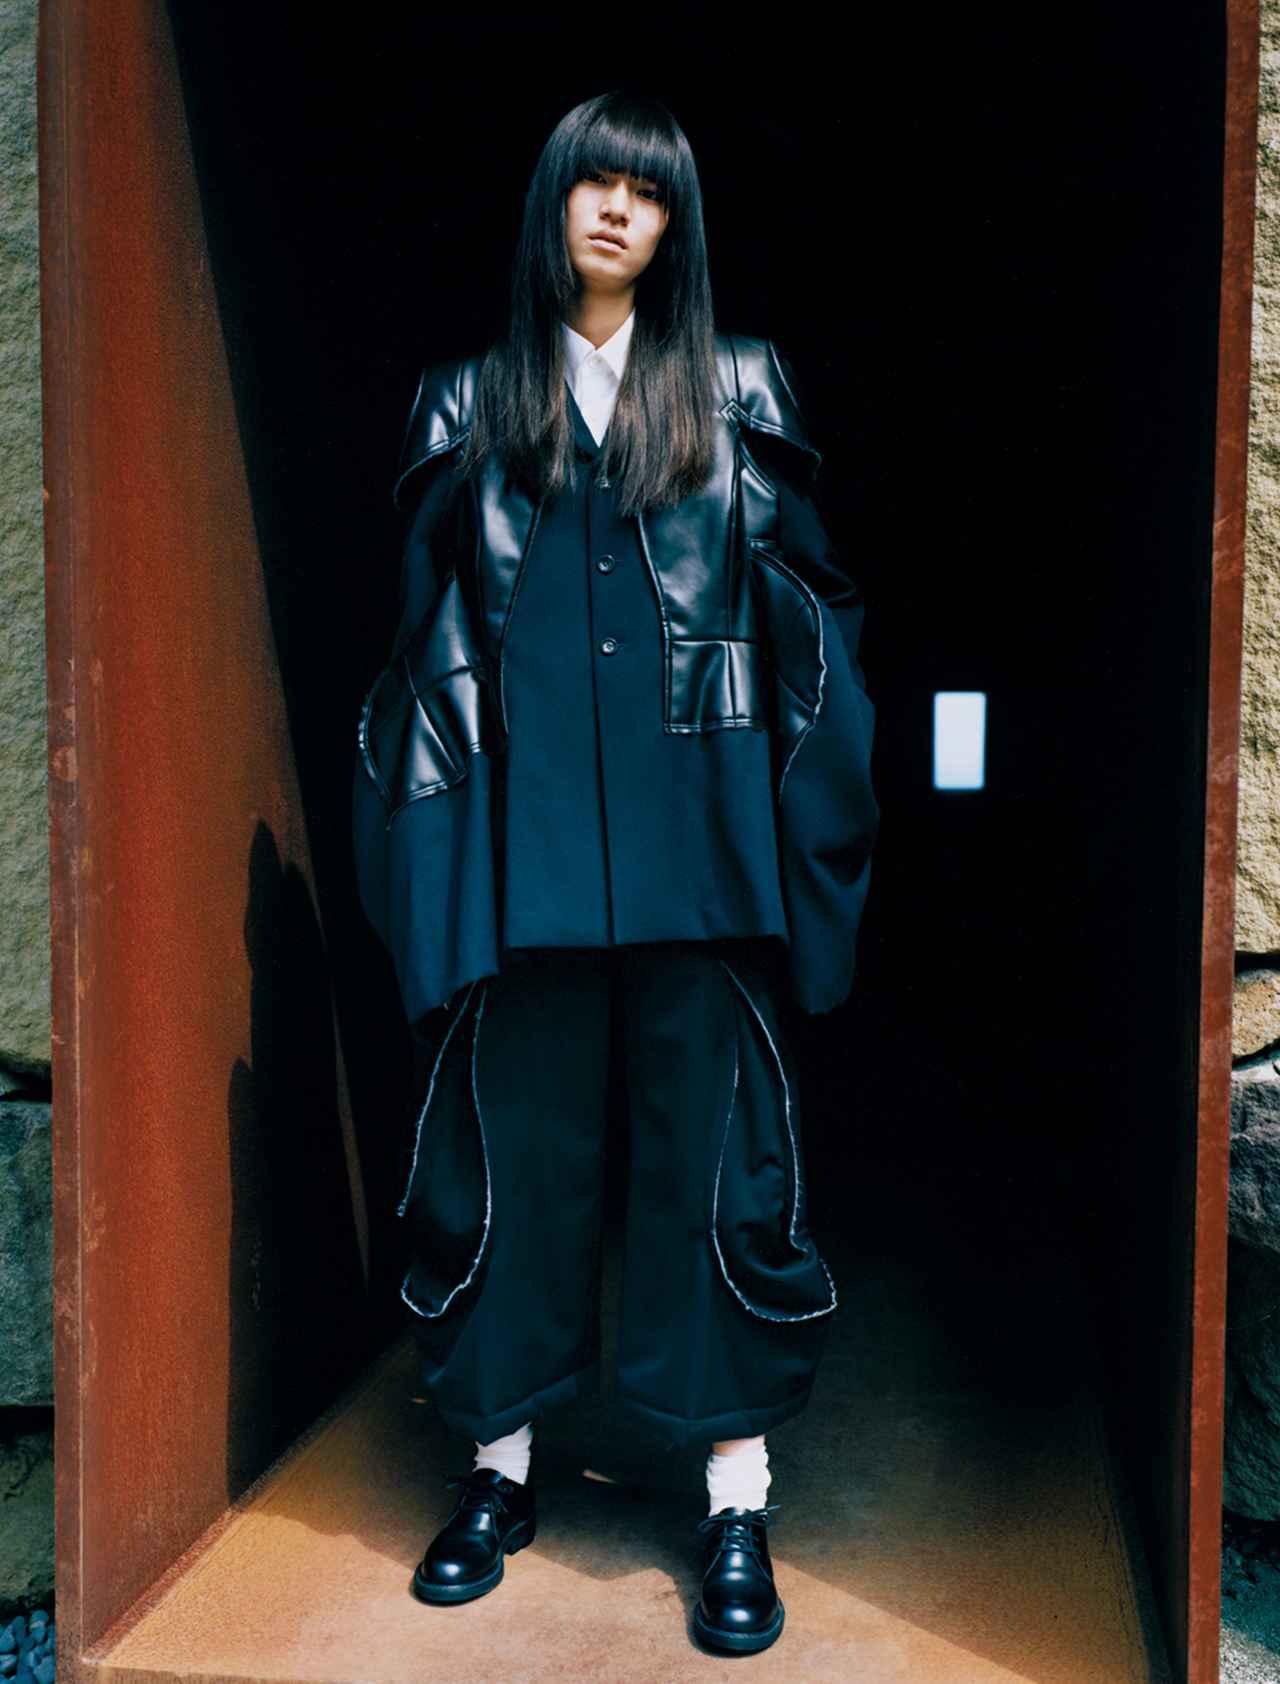 Images : 7番目の画像 - 「時代を超えるファッションと建築」のアルバム - T JAPAN:The New York Times Style Magazine 公式サイト